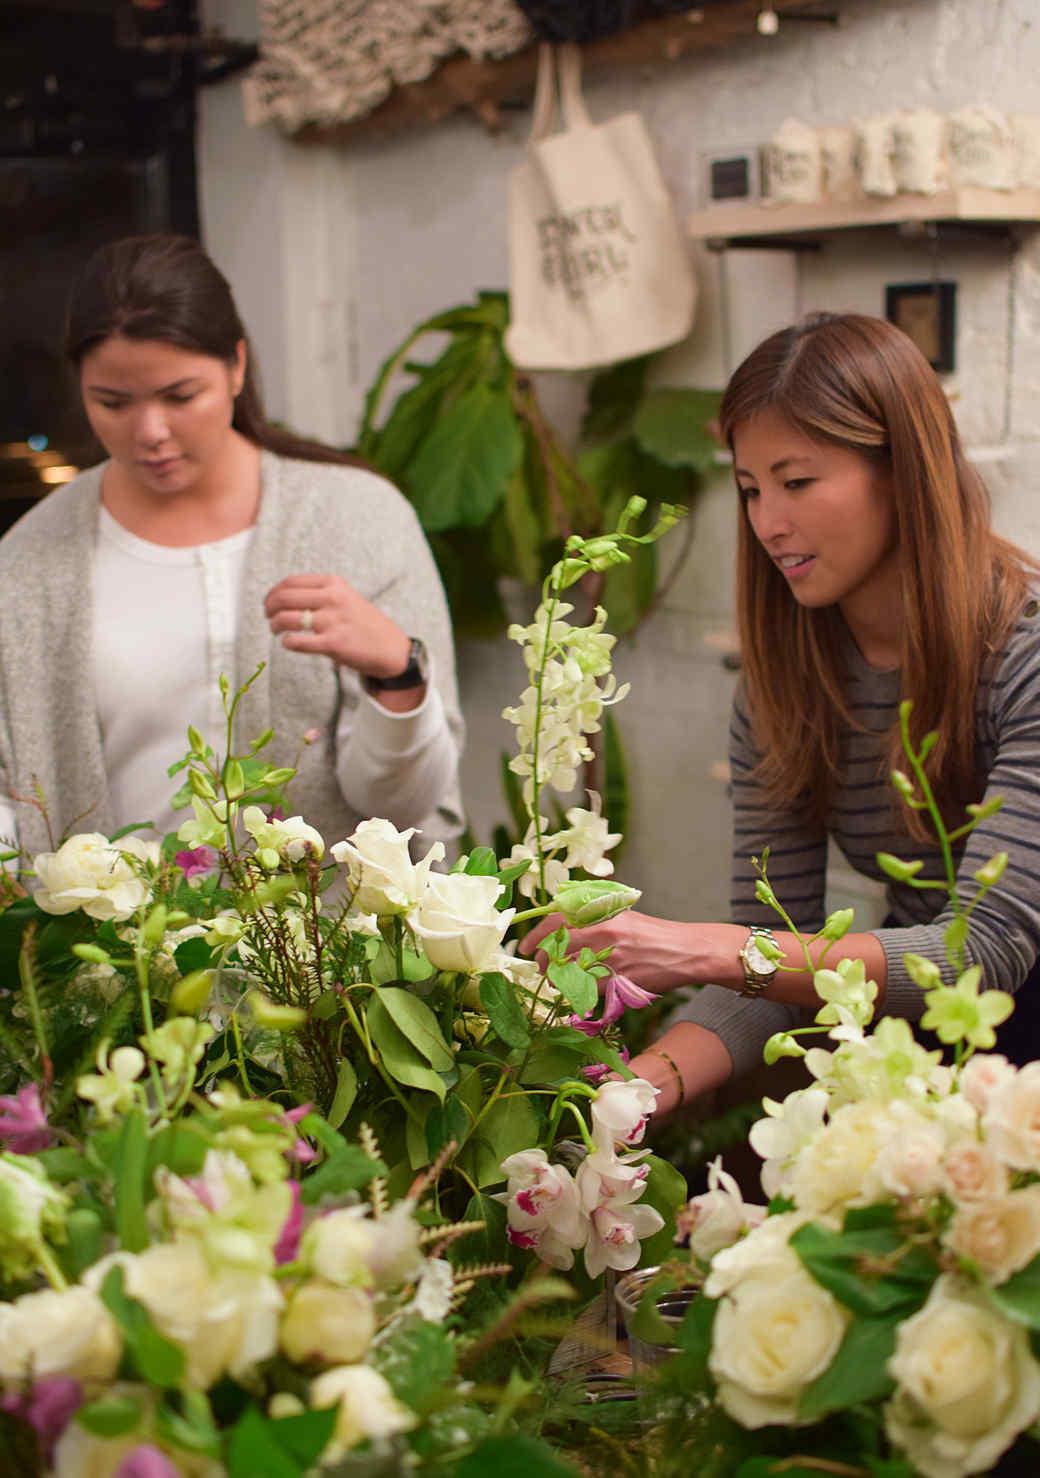 flowergirl-nyc-lm-visit-0316-23.jpg (skyword:244861)